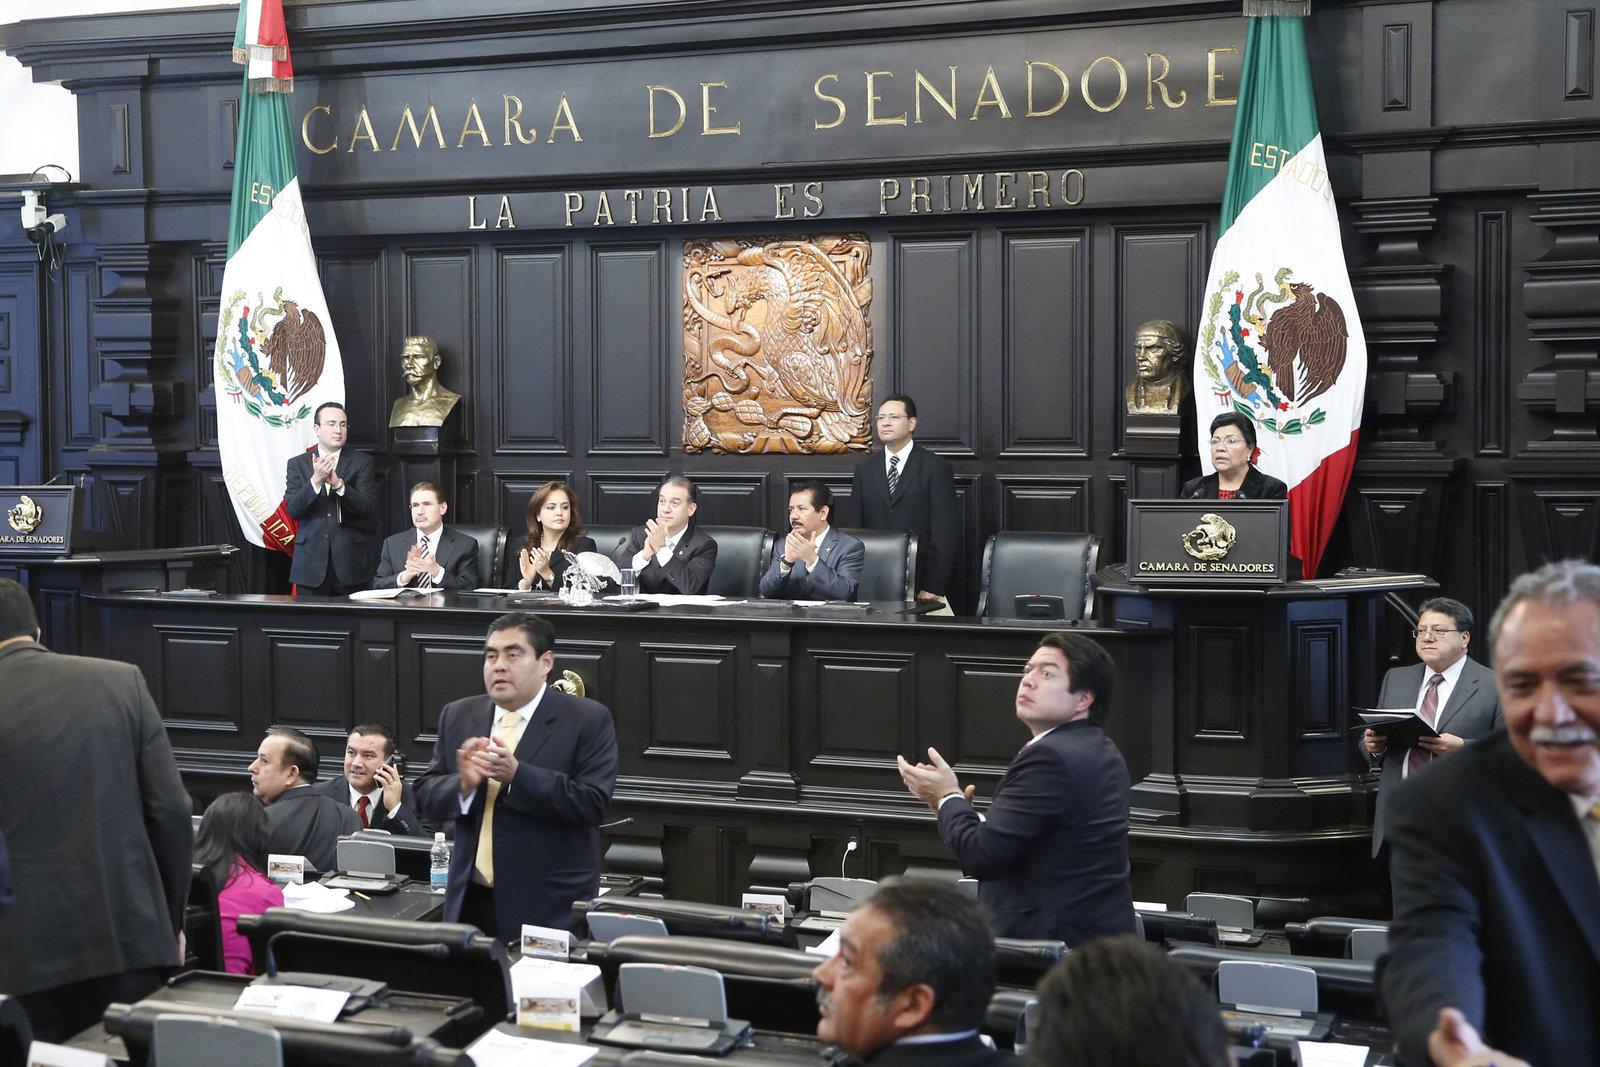 Convoca Senado a elección extraordinaria para sustituir a legislador